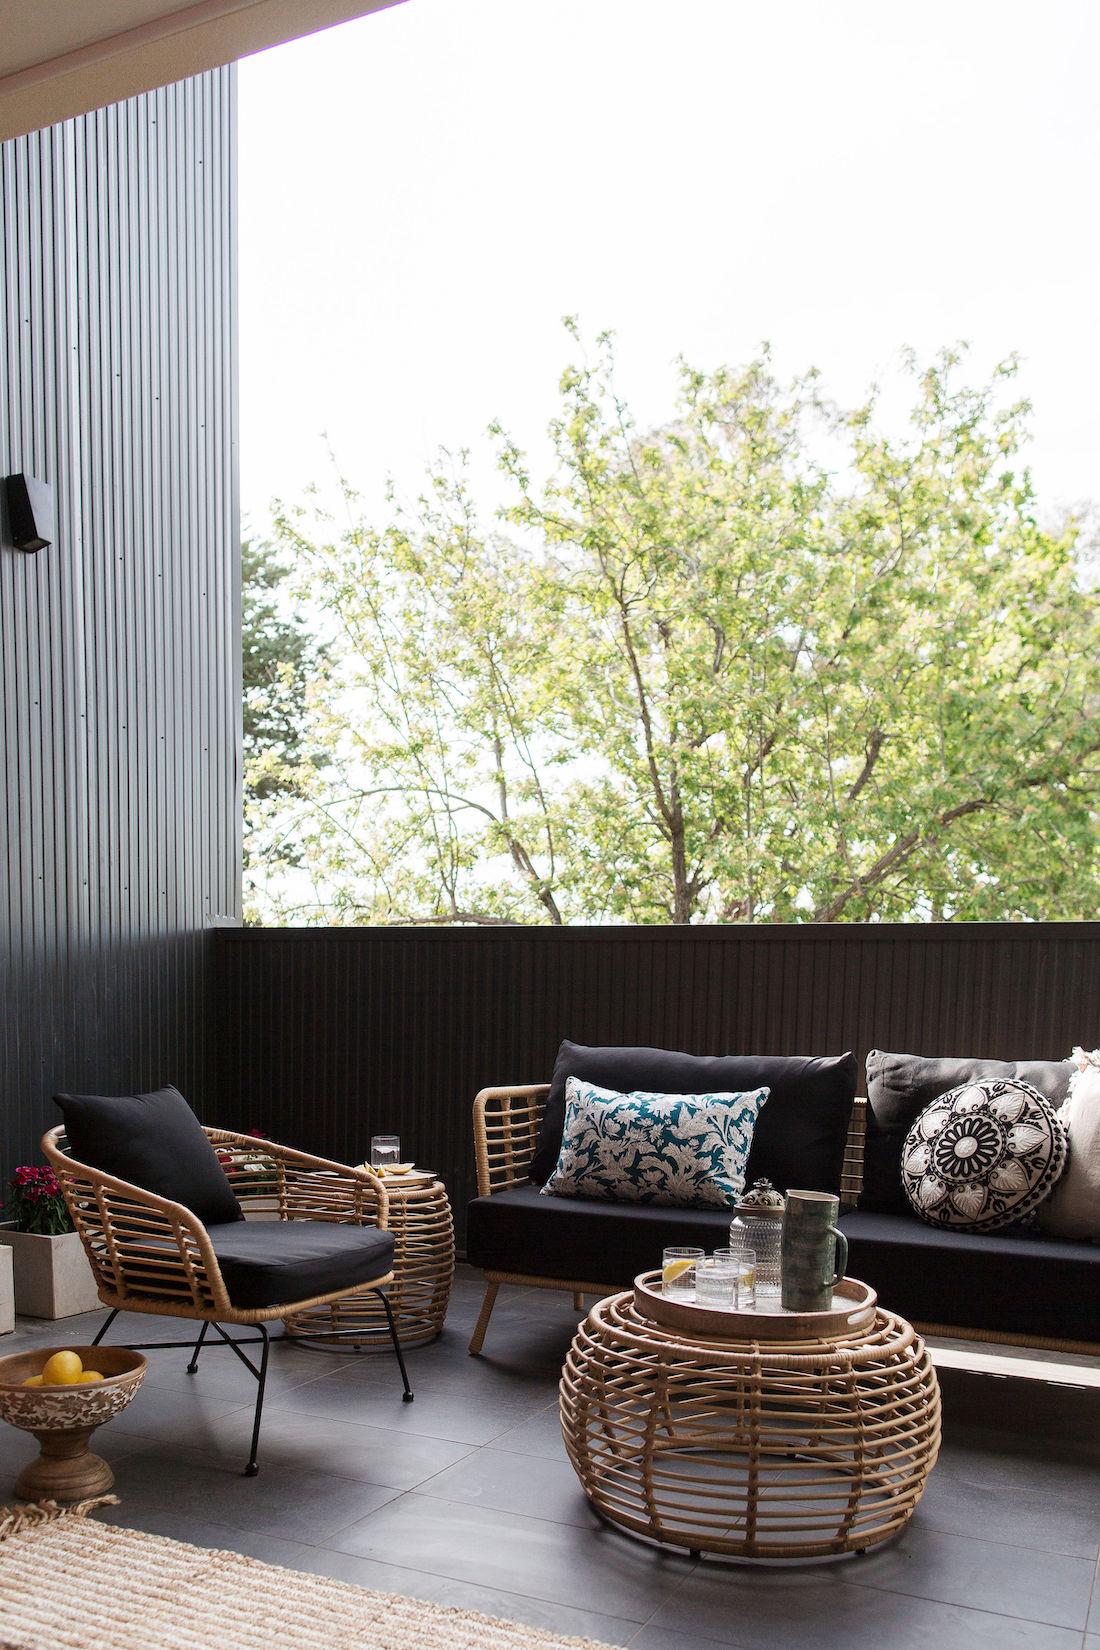 Open outdoor terrace